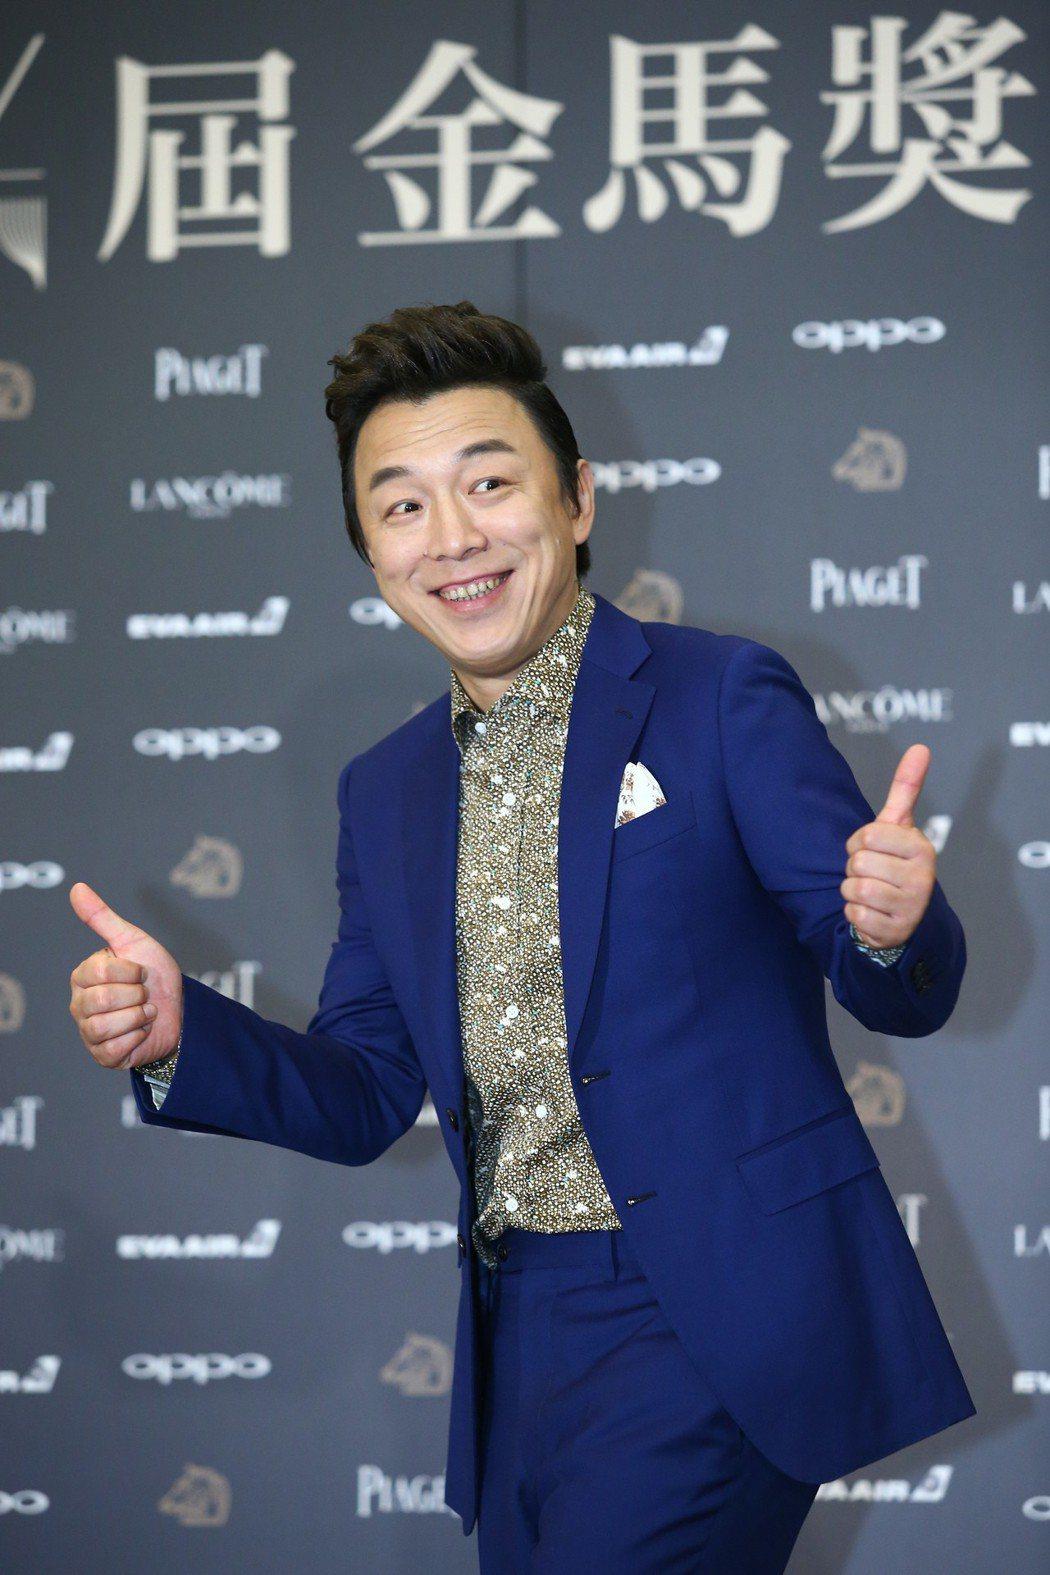 入圍金馬獎最佳男主角獎的黃渤出席入圍酒會。記者王騰毅/攝影